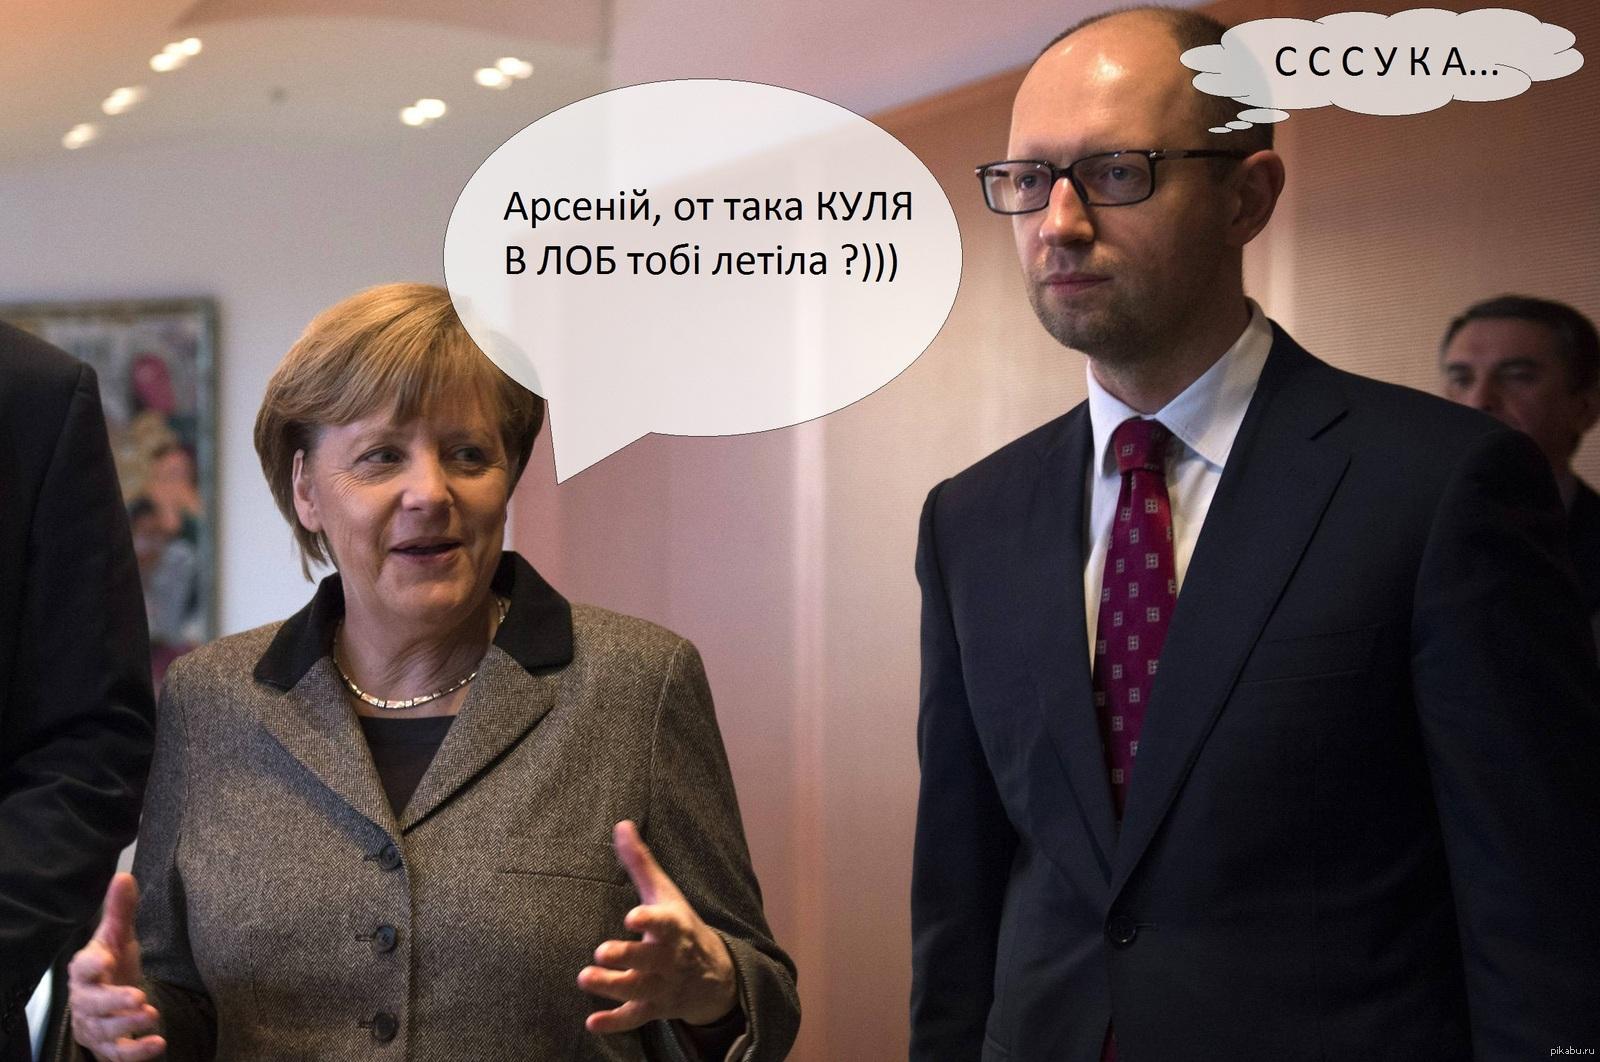 Меркель поблагодарила Яценюка за весомый вклад в реформы, защиту независимости и безопасности Украины - Цензор.НЕТ 7088